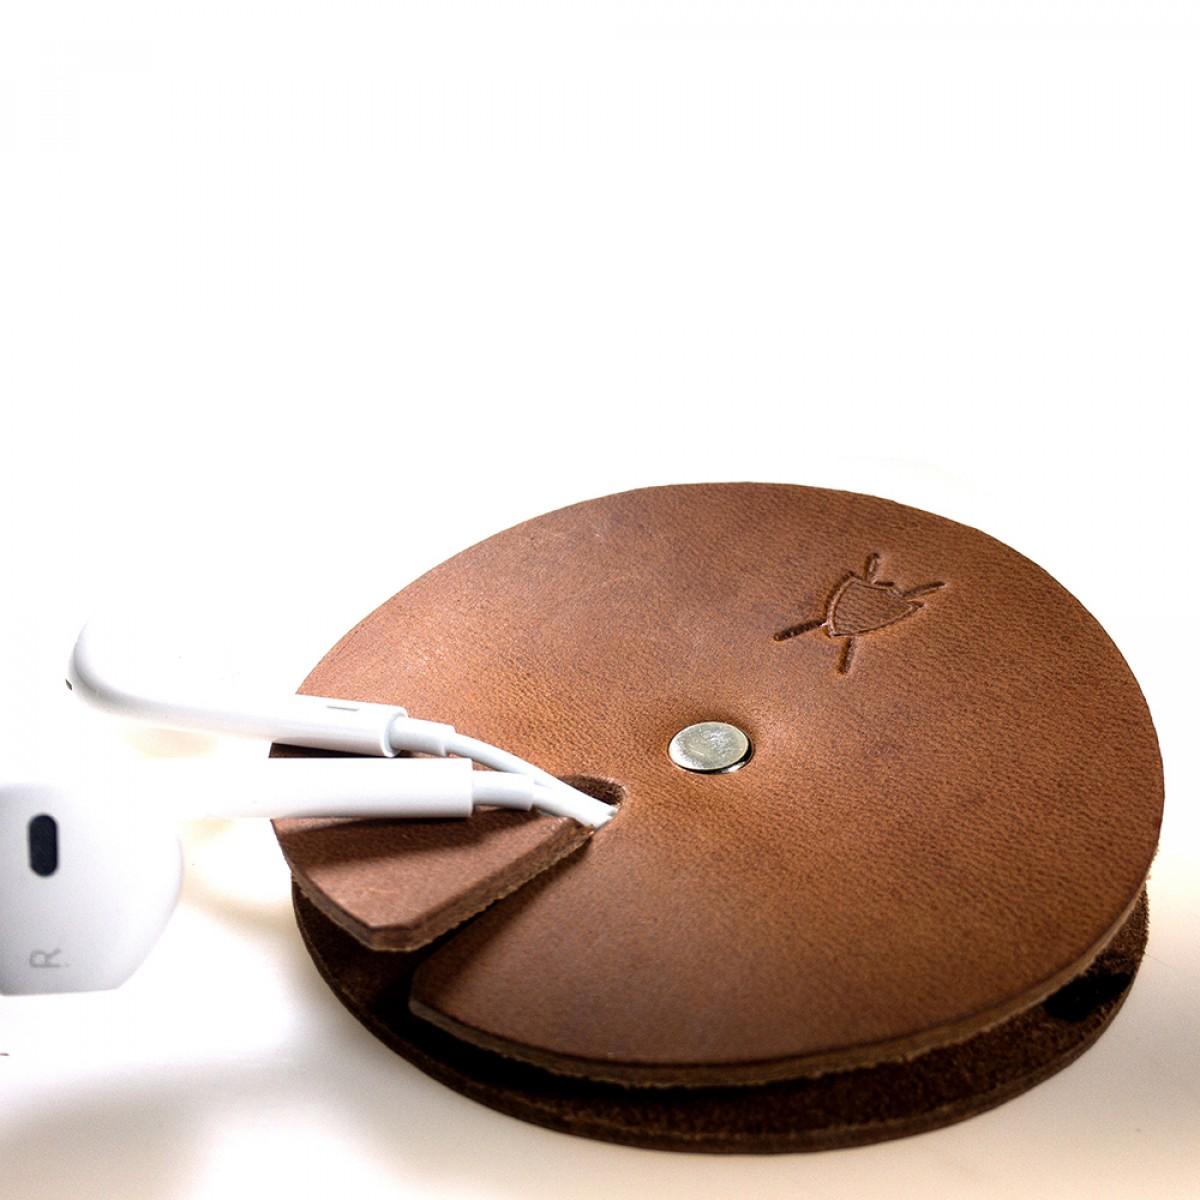 LIEBHARDT - Leder Kabelbinder als Kabelhalter aus pflanzlich gegerbtem Echtleder, Kabelwickler für Ladekabel oder Headset (braun)